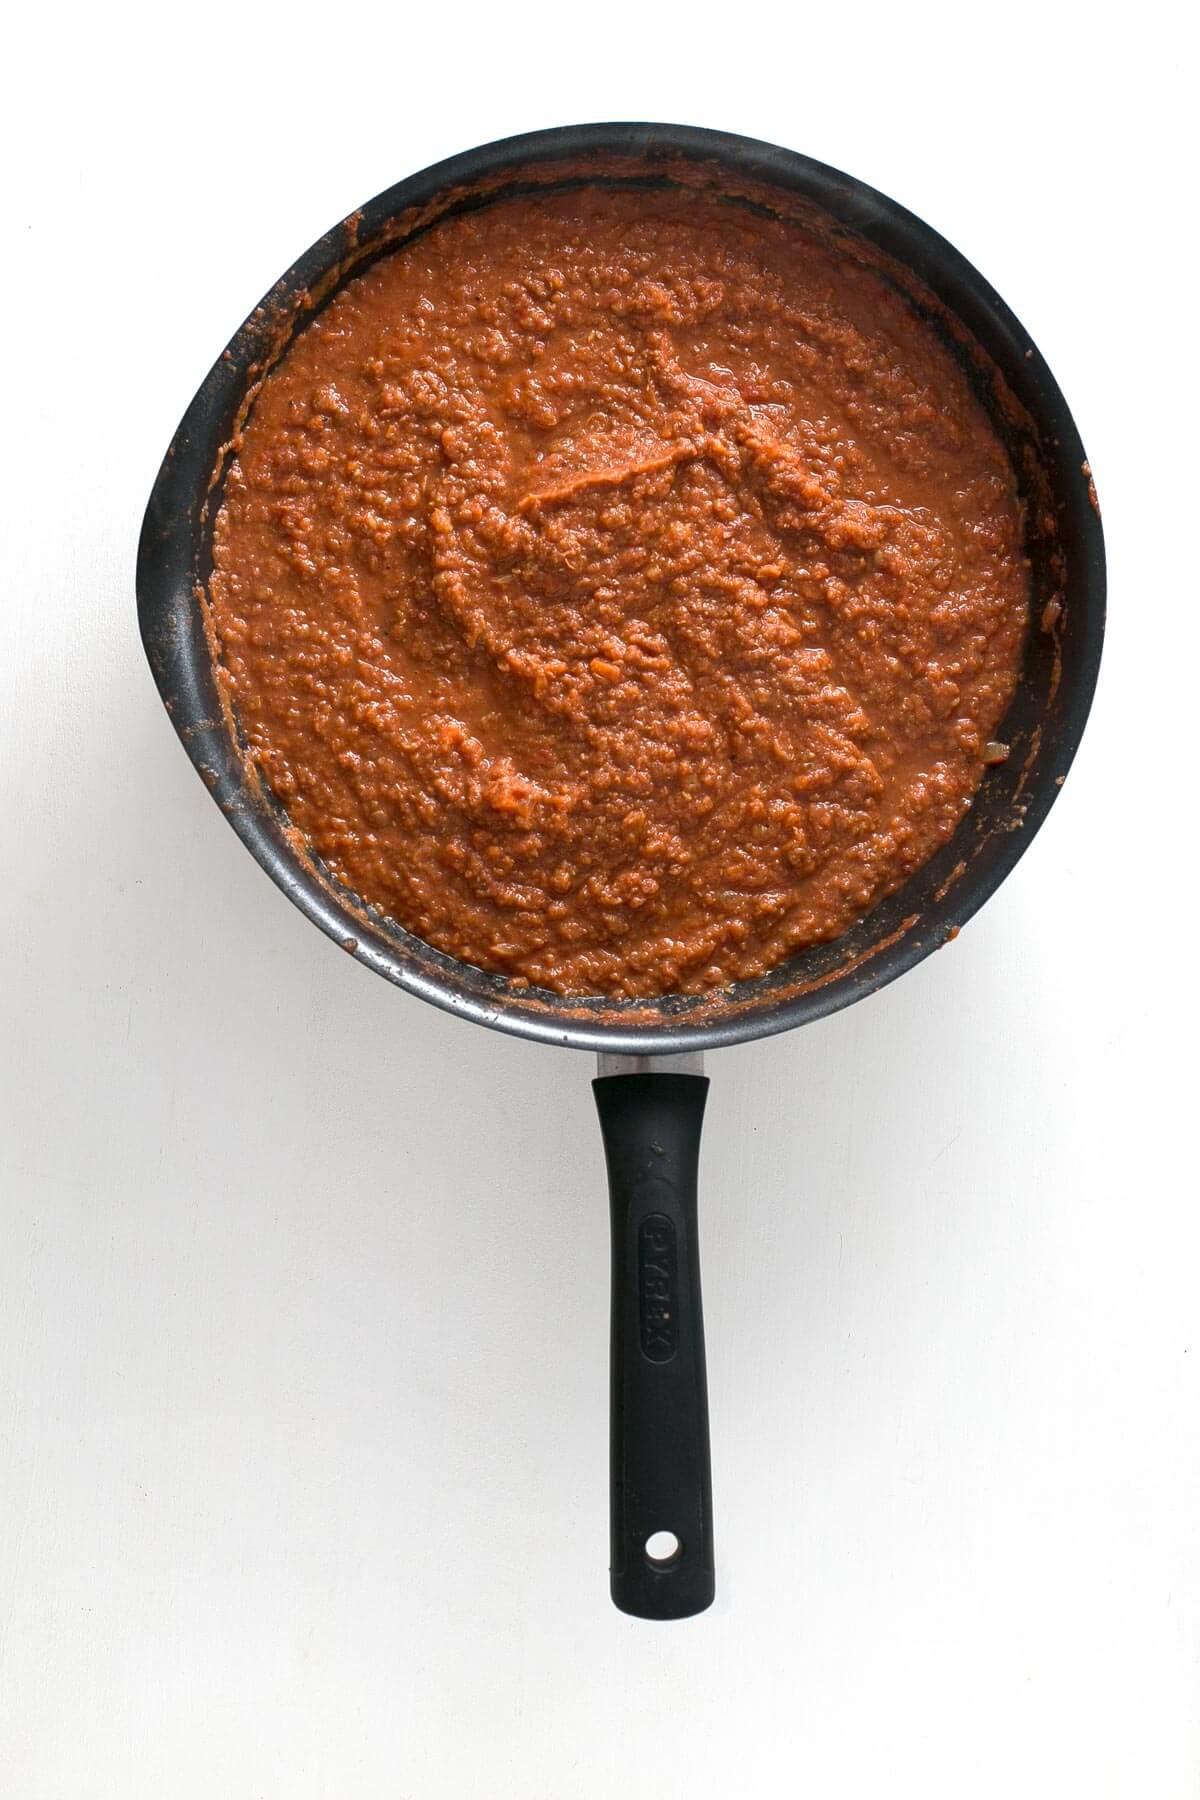 Ragout or lentil bolognese.